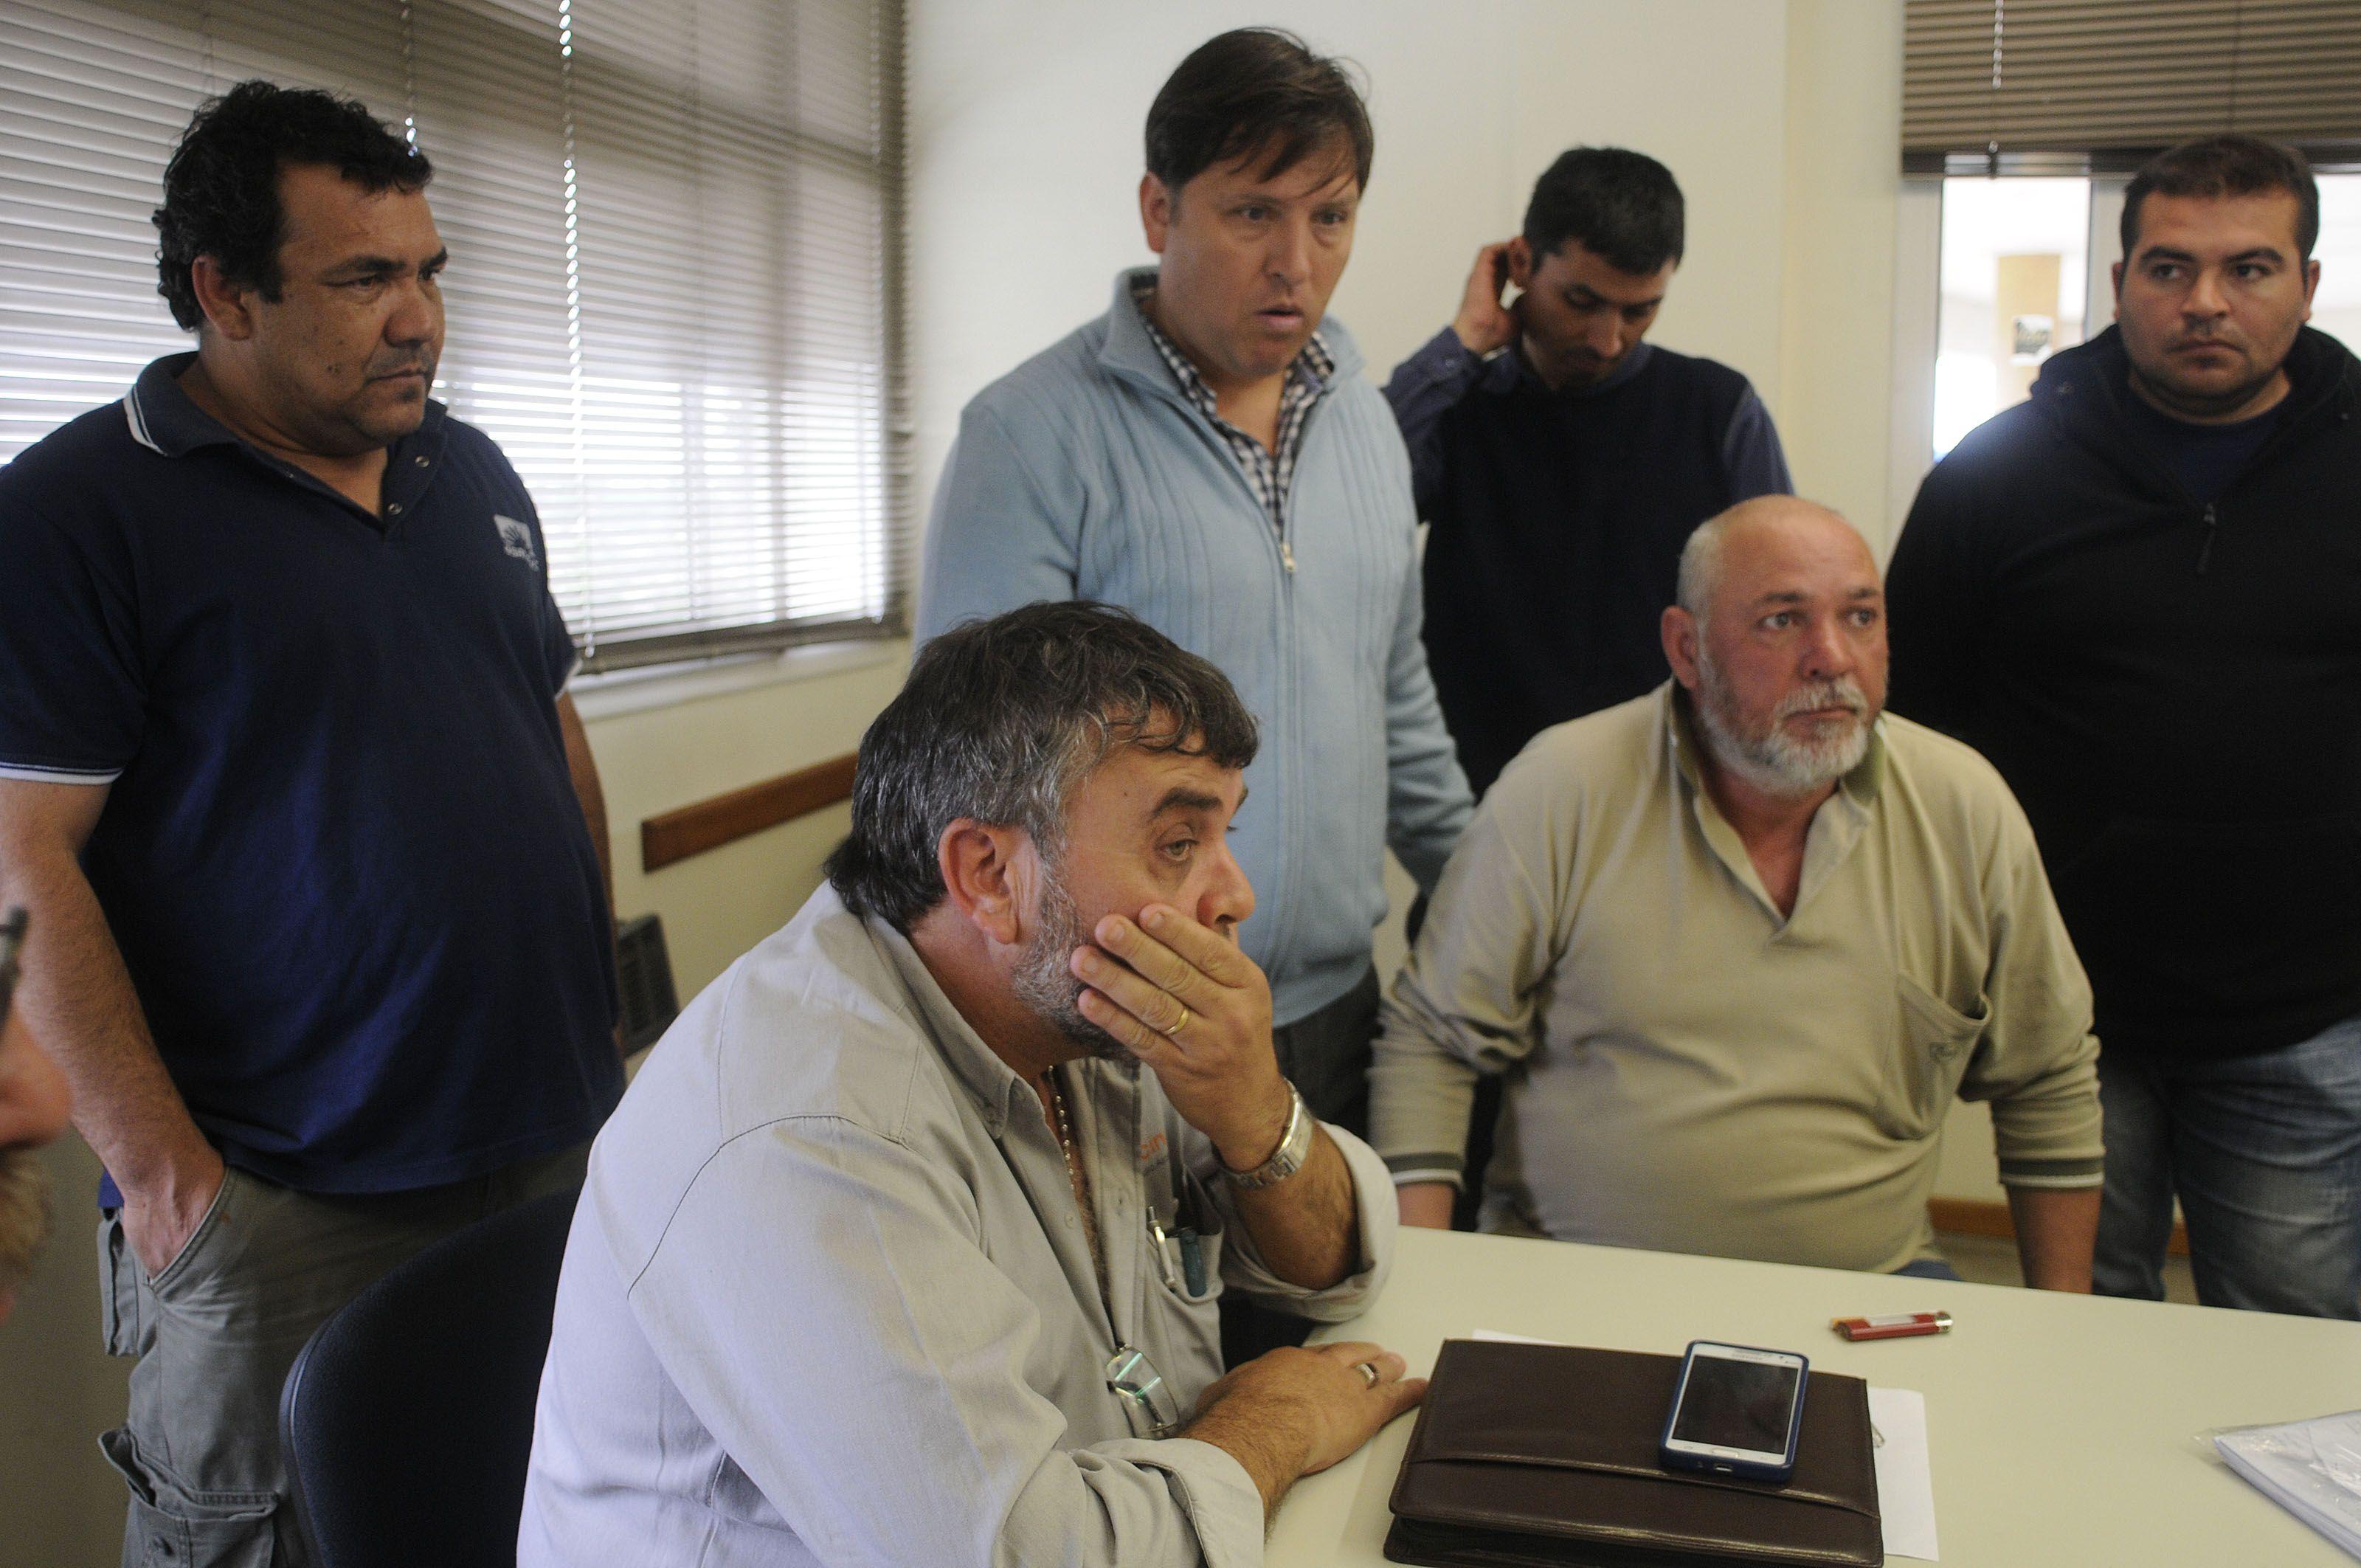 Los trabajadores y gremialistas se mostraron muy preocupados tras la reunión con la empresa. (Foto: Leonardo Vincenti)